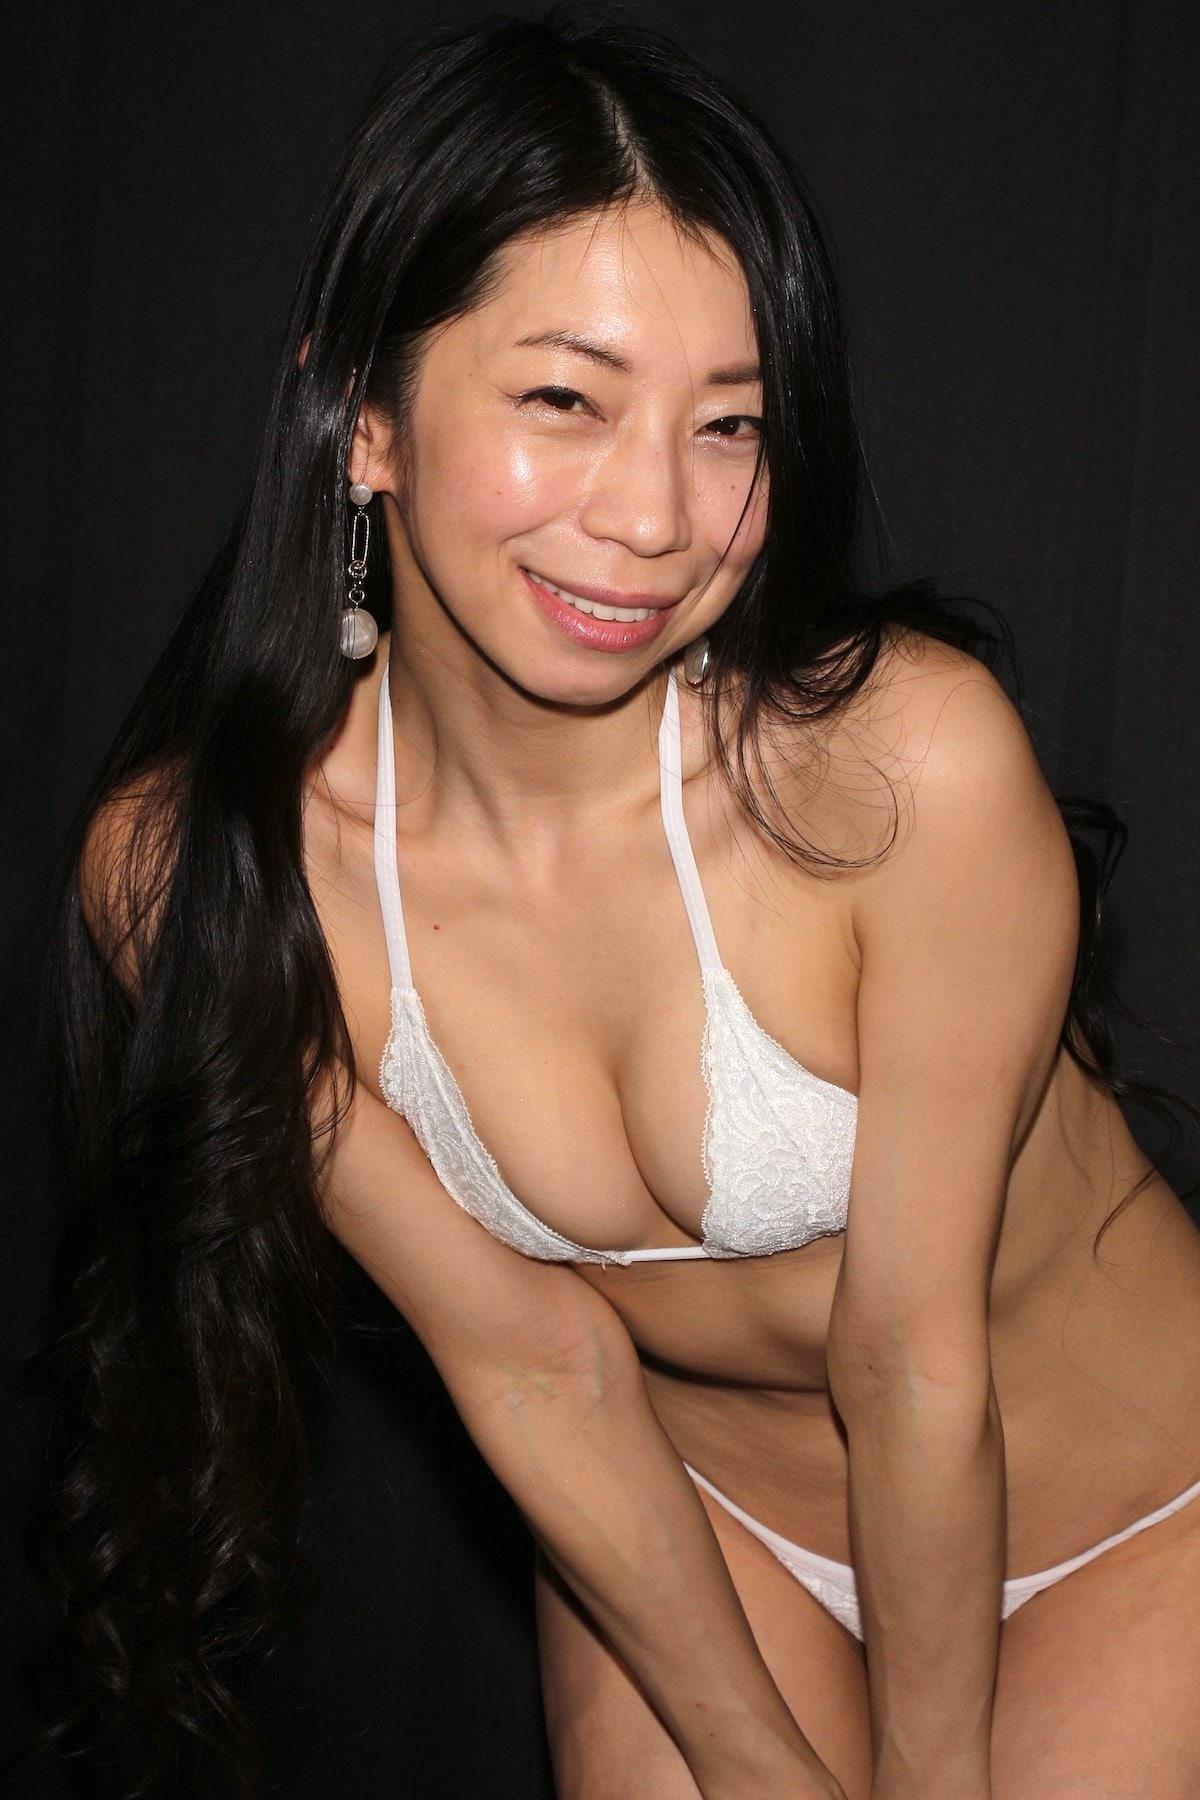 岩崎真奈「ベンチの縁にこすったり」私史上最高にセクシー【画像50枚】の画像031